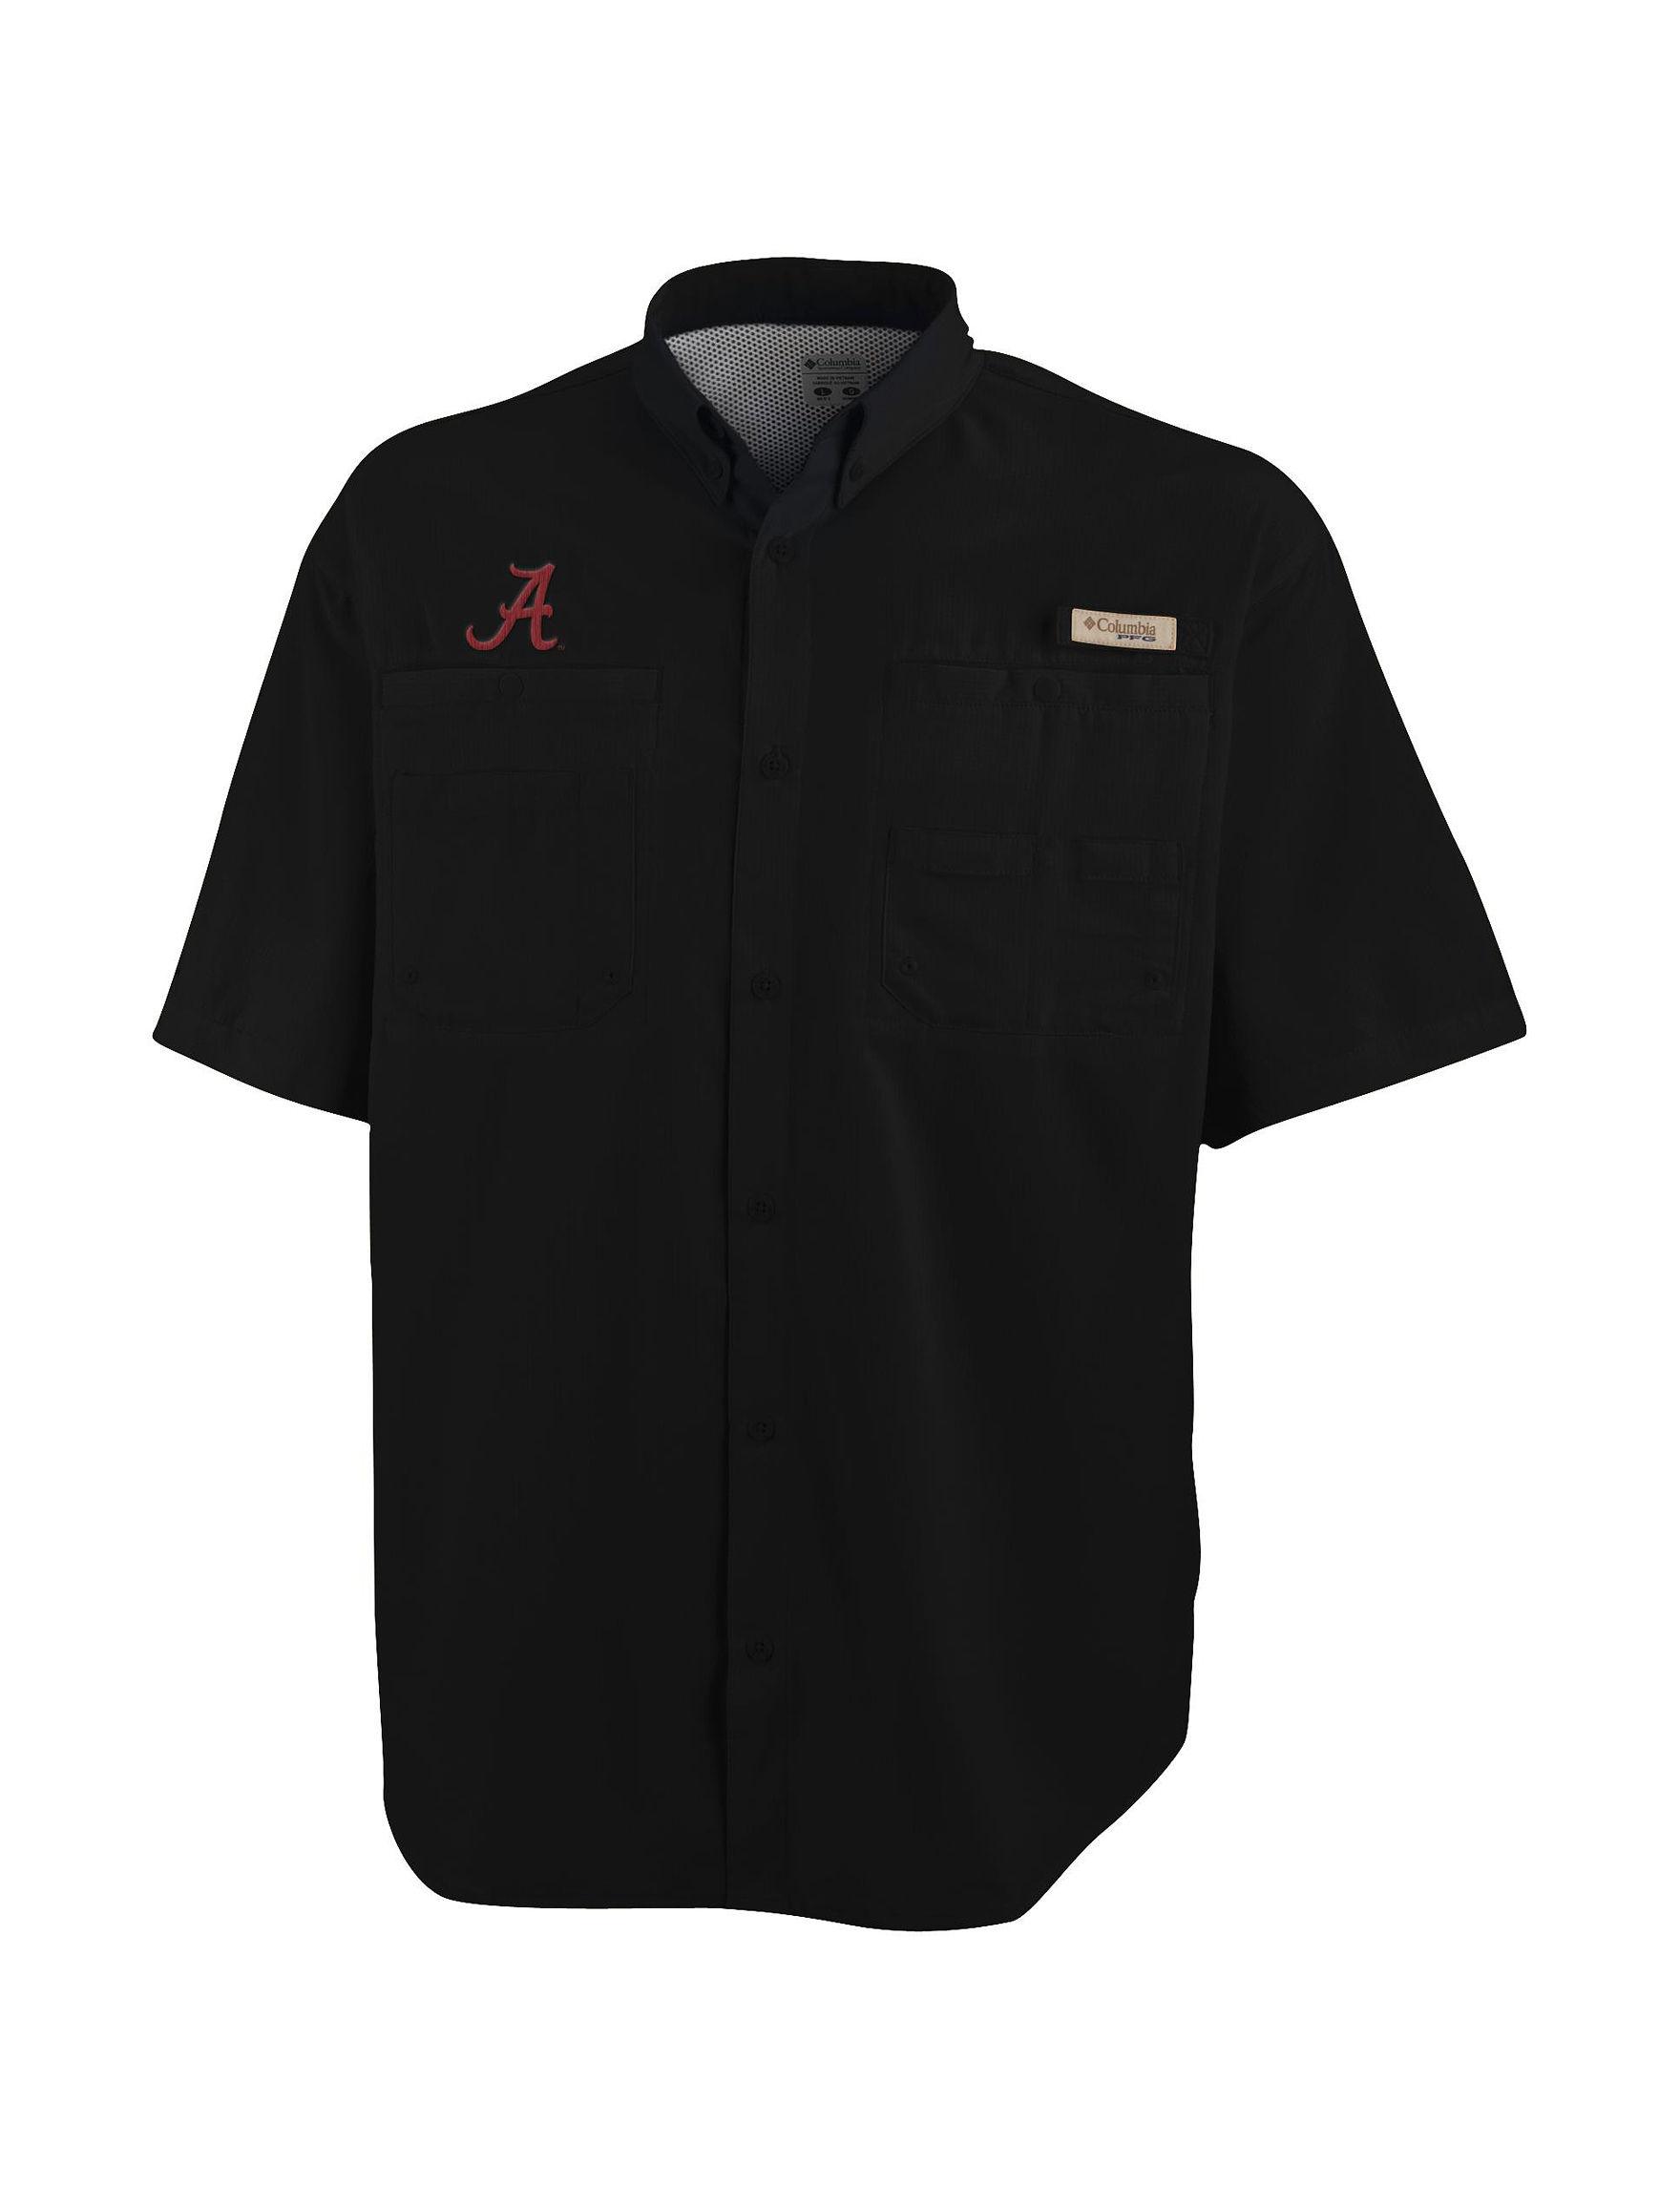 NCAA Black Casual Button Down Shirts